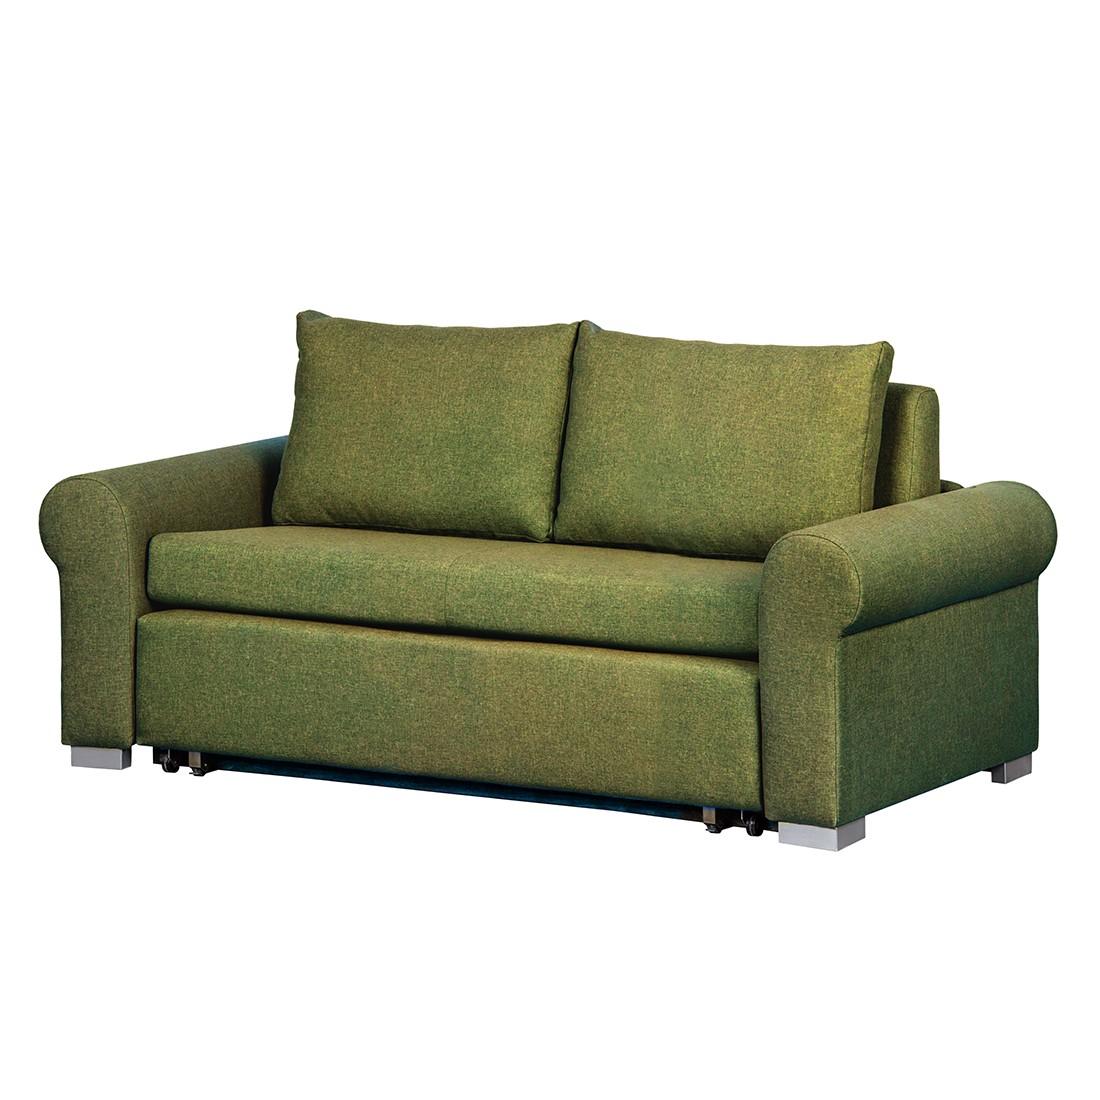 Schlafsofa Latina Country – Webstoff Grün – Breite: 165 cm, roomscape günstig online kaufen